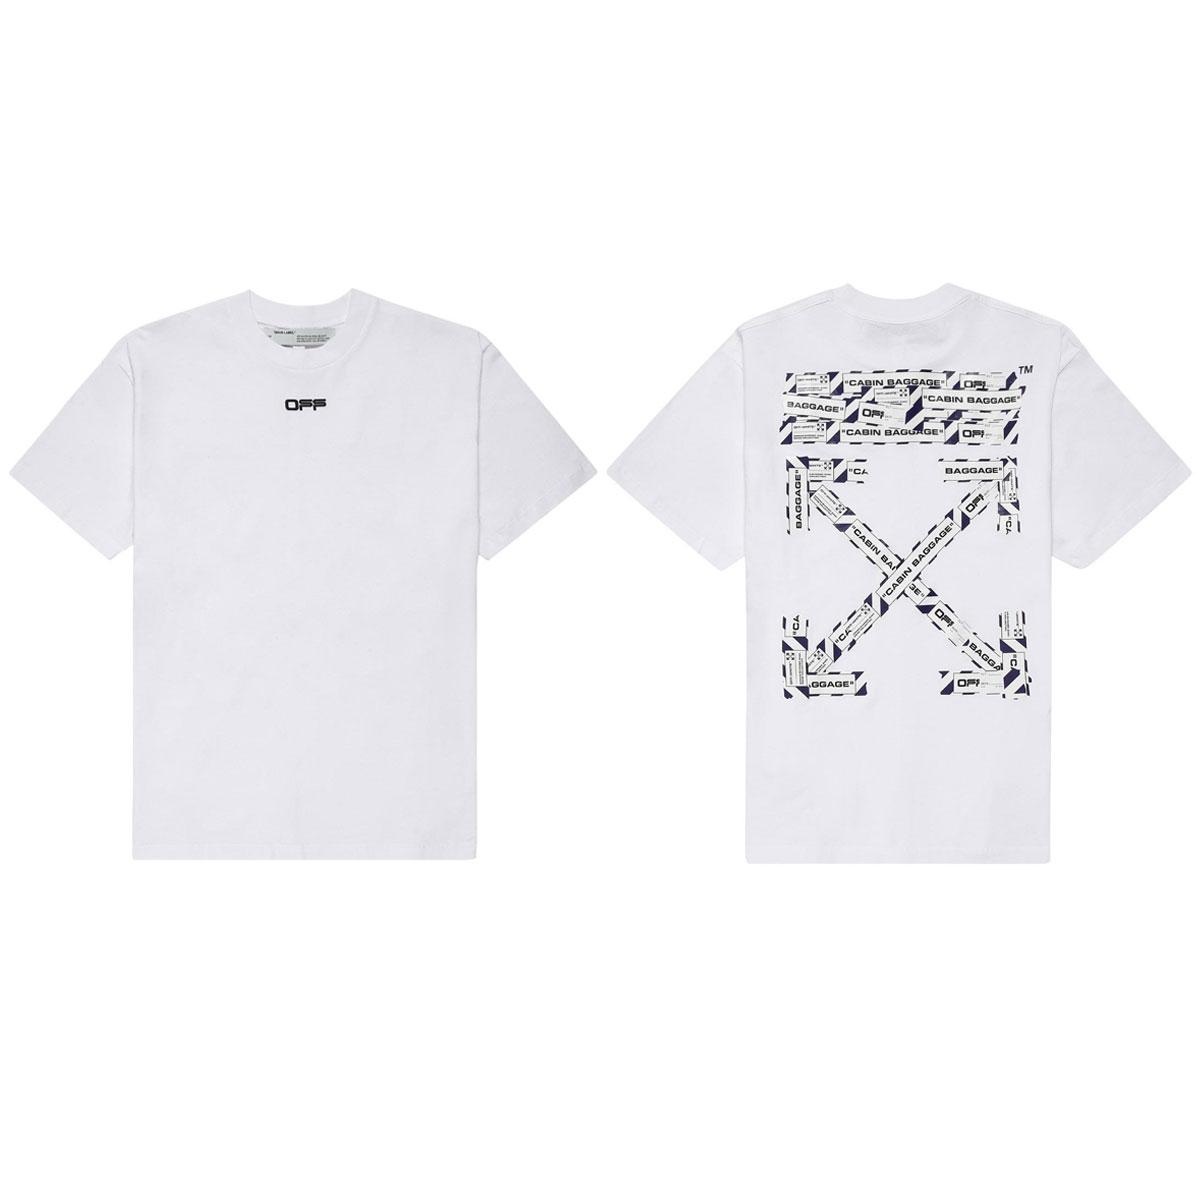 オフホワイト Tシャツ メンズ 正規品 OFF-WHITE 半袖Tシャツ クルーネックTシャツ AIRPORT TAPE S/S OVER TEE WHITE MULTICOL OMAA038S201850030188 AB3B B1C C1D D1E E01F